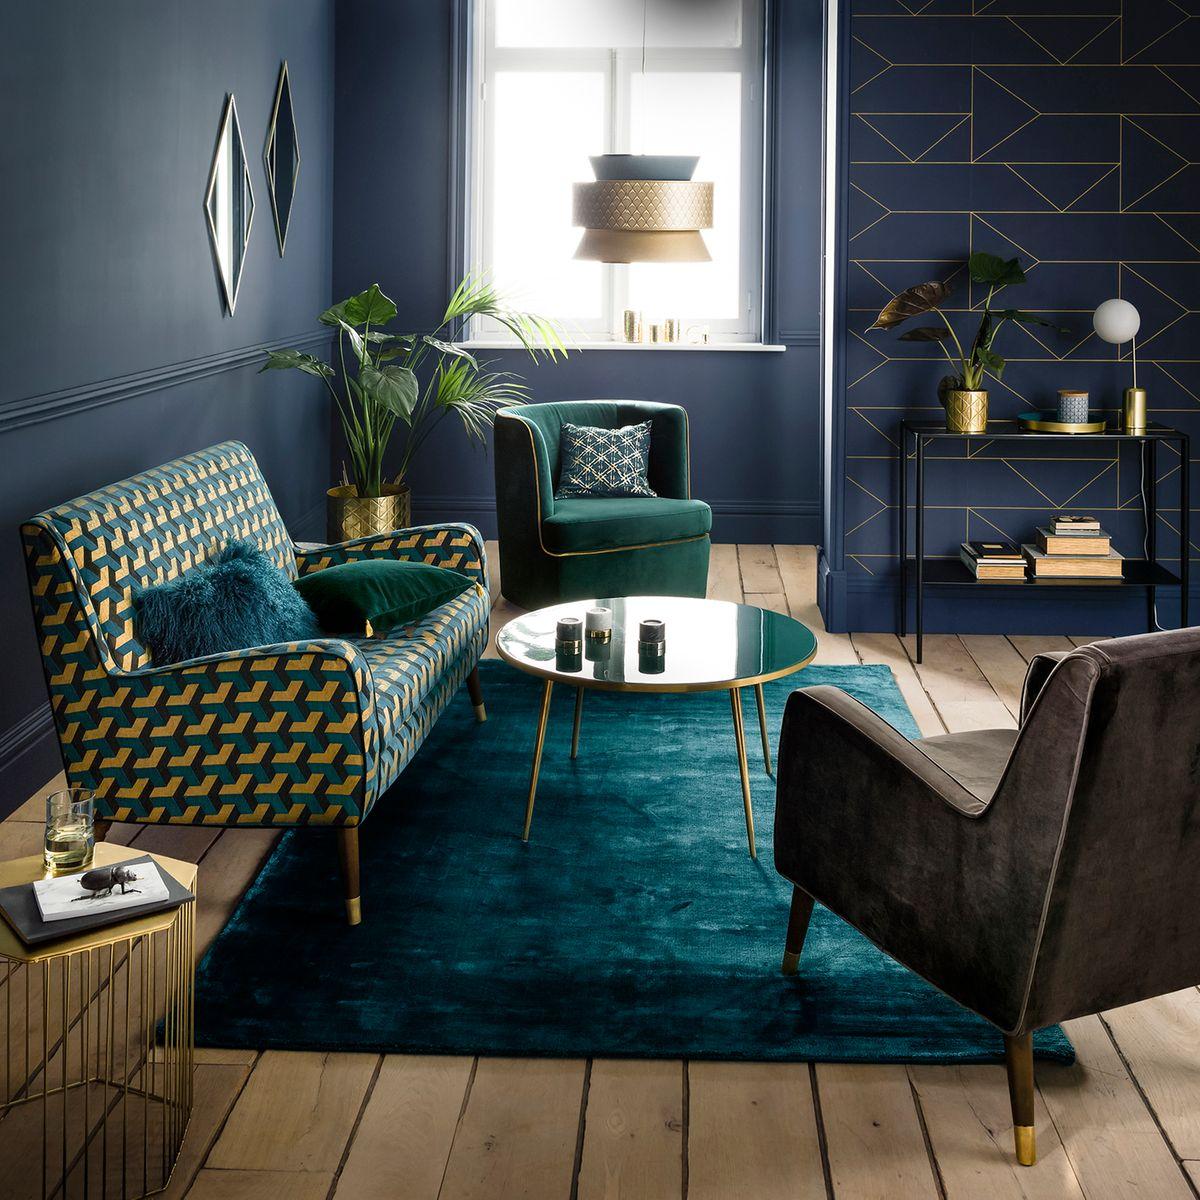 déco été vintage brazil salon feutré mur bleu foncé motifs géométriques dorés intérieur sobre élégant